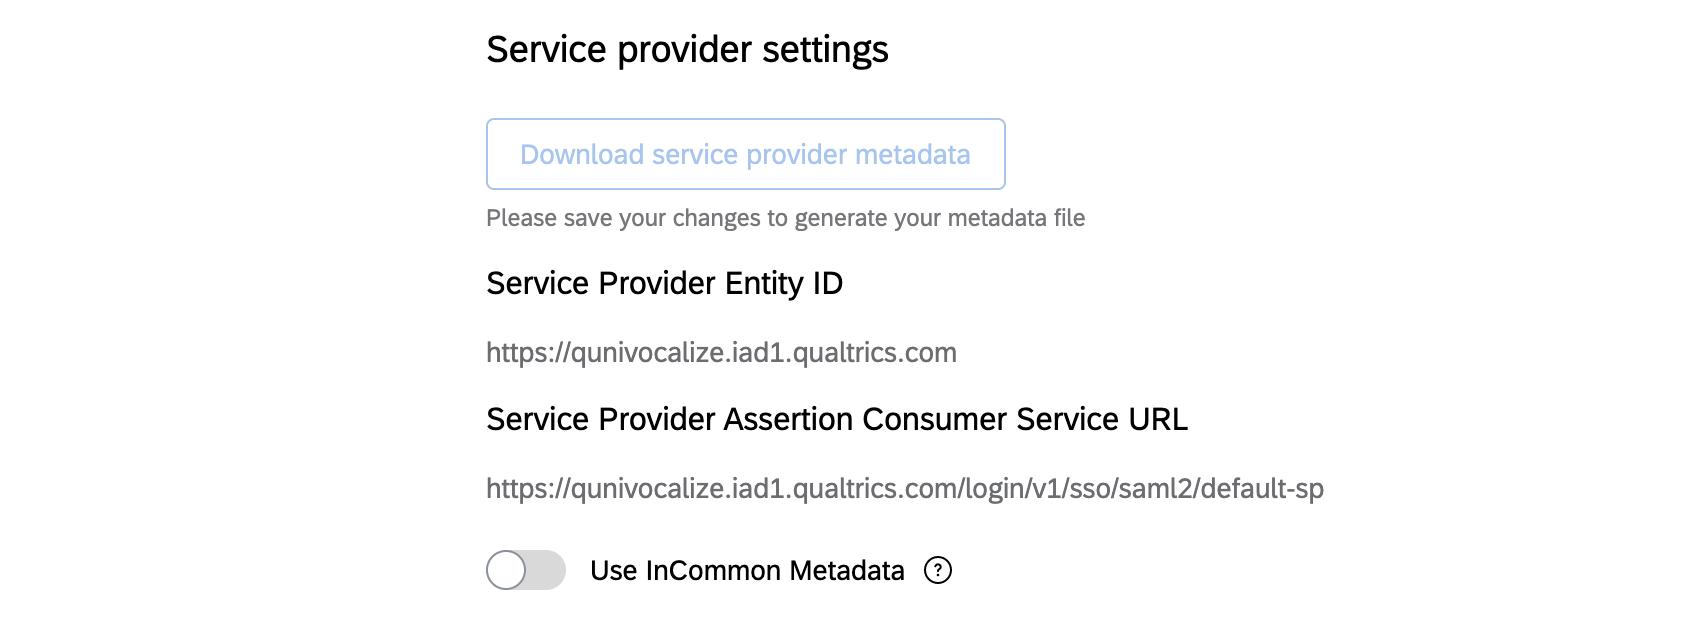 """Abbildung der Dienstanbietereinstellungen mit einer Schaltfläche """"Dienstanbietermetadaten herunterladen"""""""